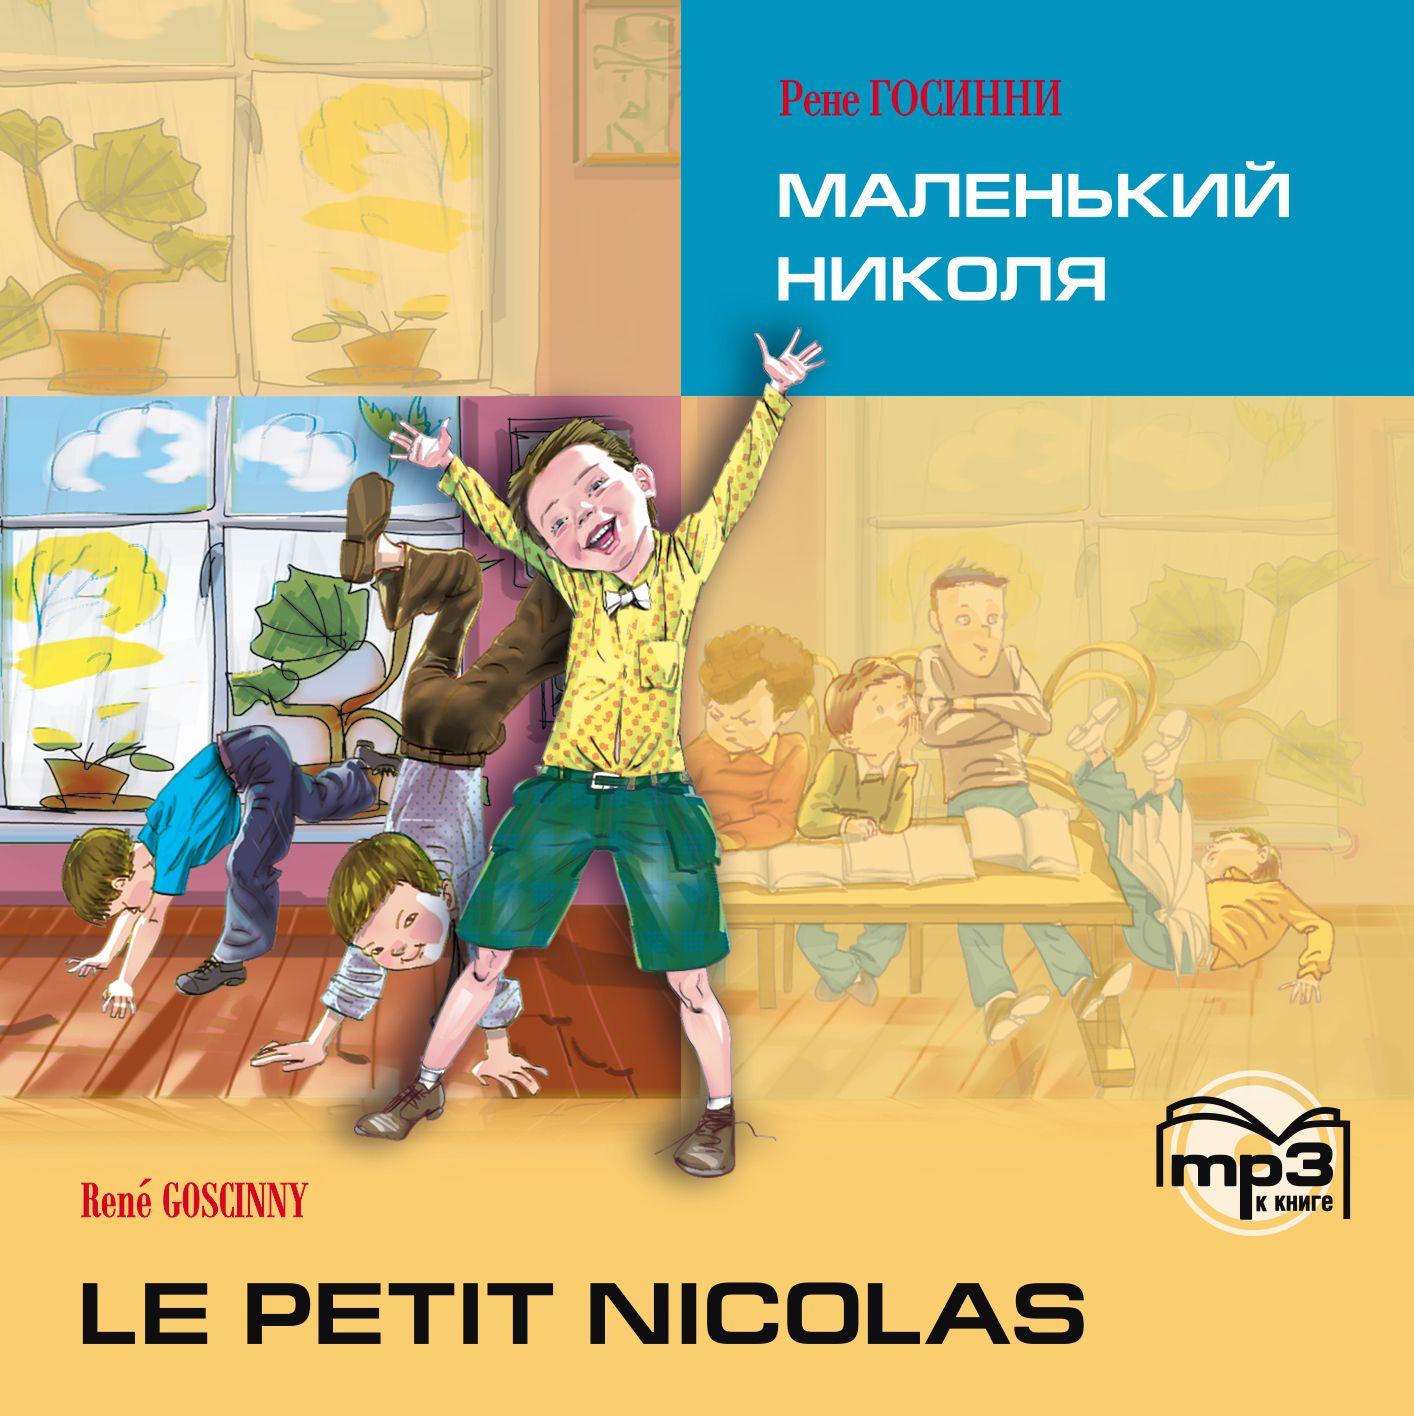 Рене Госинни Le petit Nicolas / Маленький Николя. MP3 рене госинни маленький николя le petit nicolas